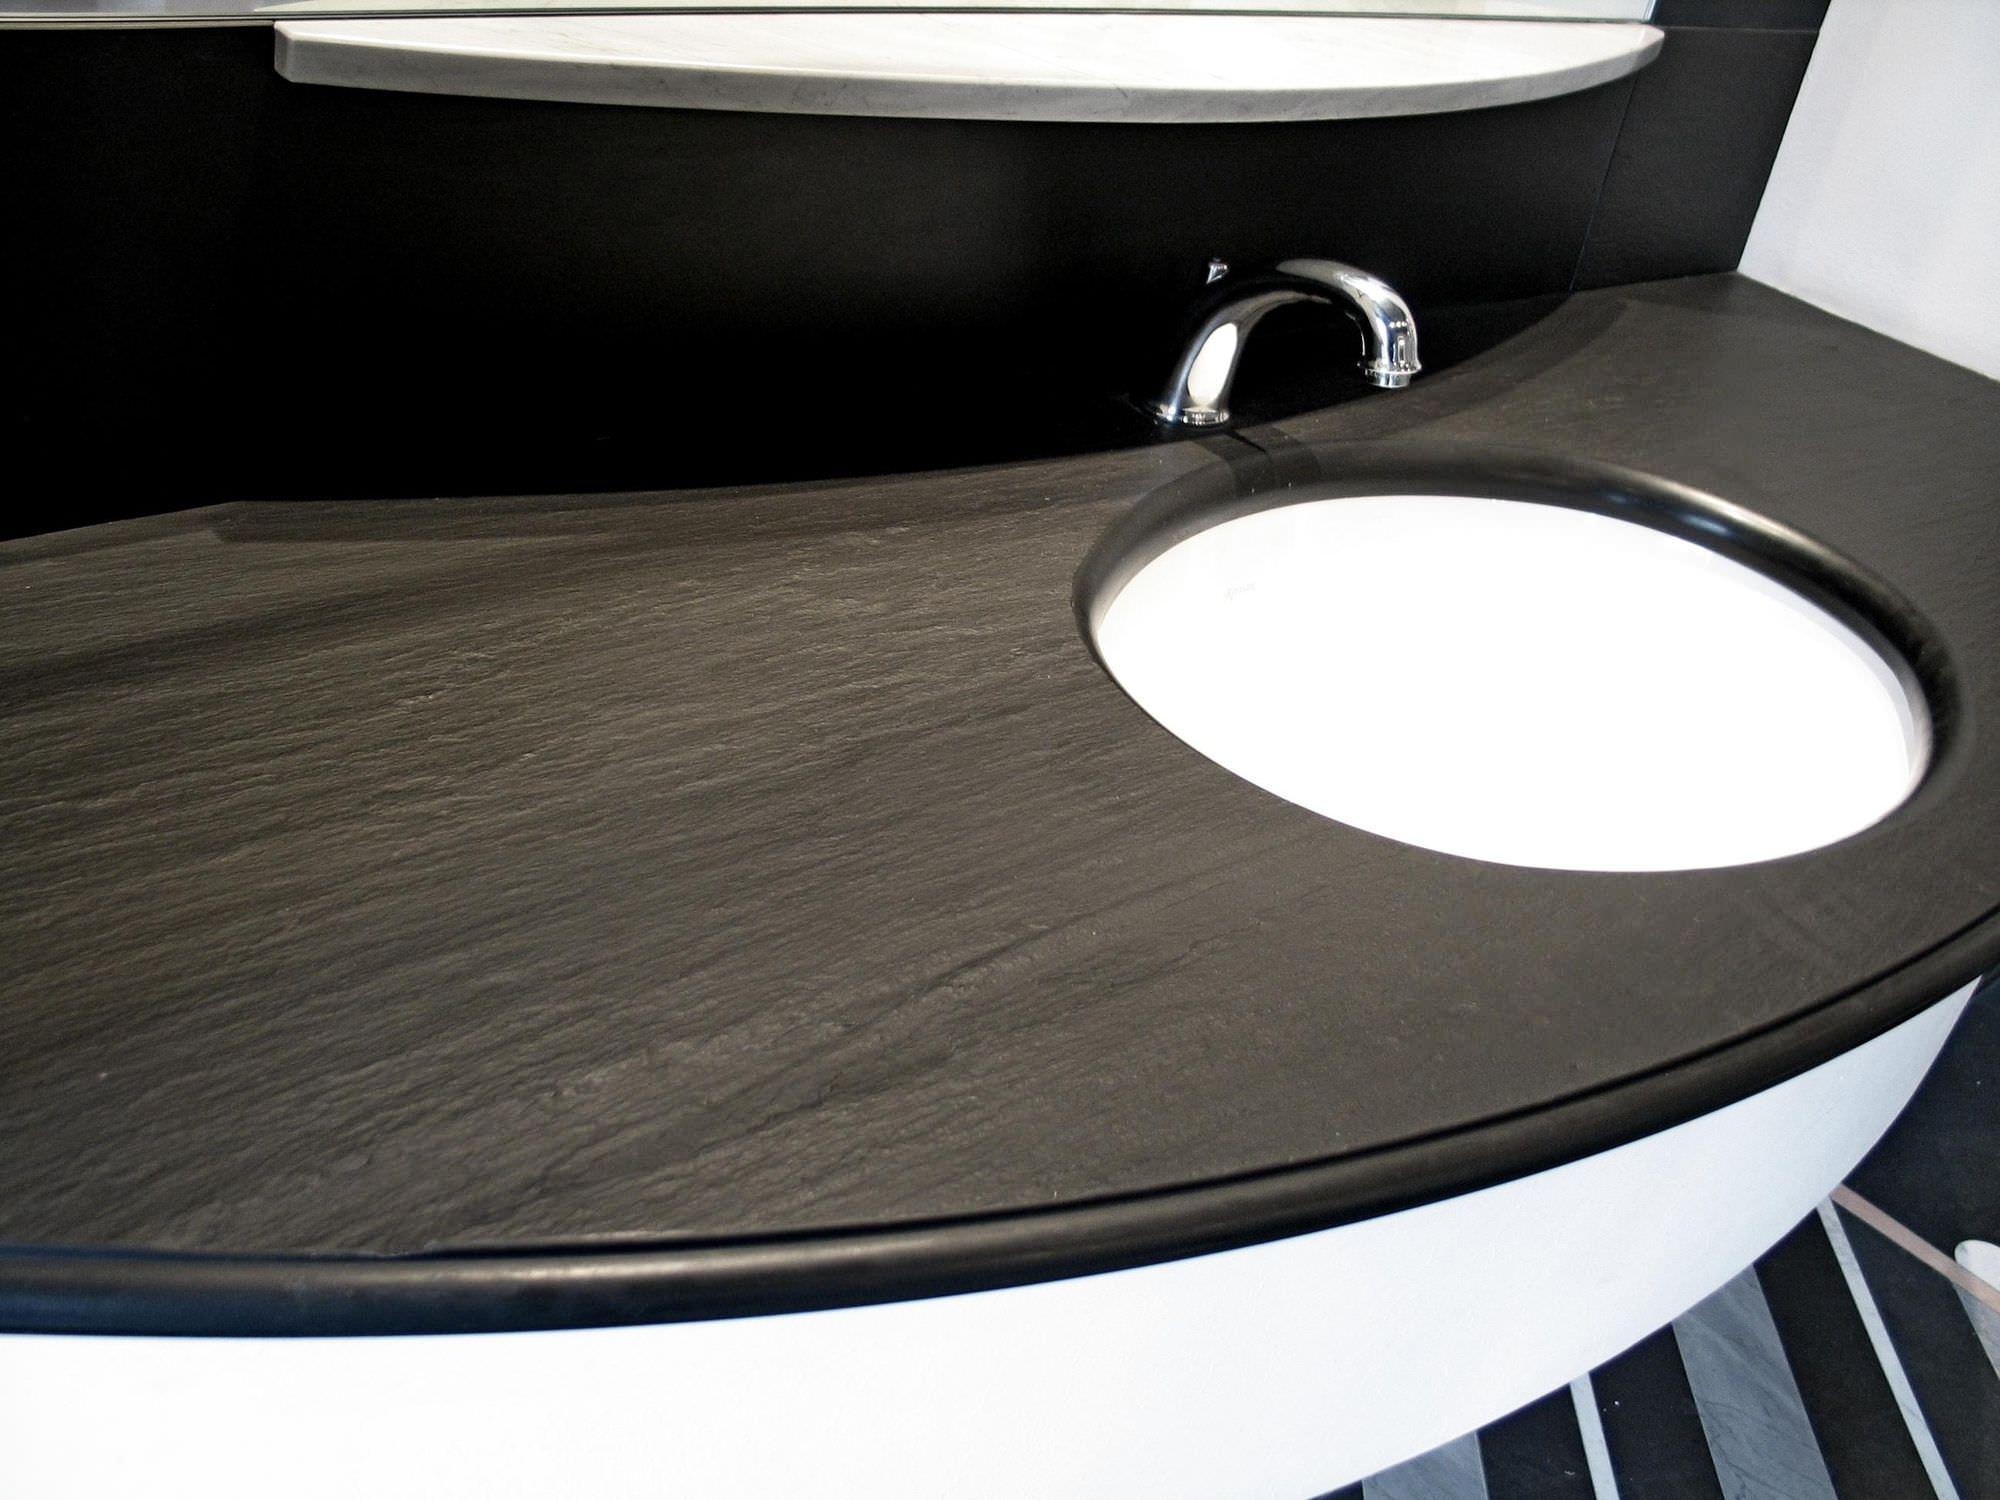 Piano Bagno In Ardesia : Piano lavabo in pietra naturale su misura bathroom top italian